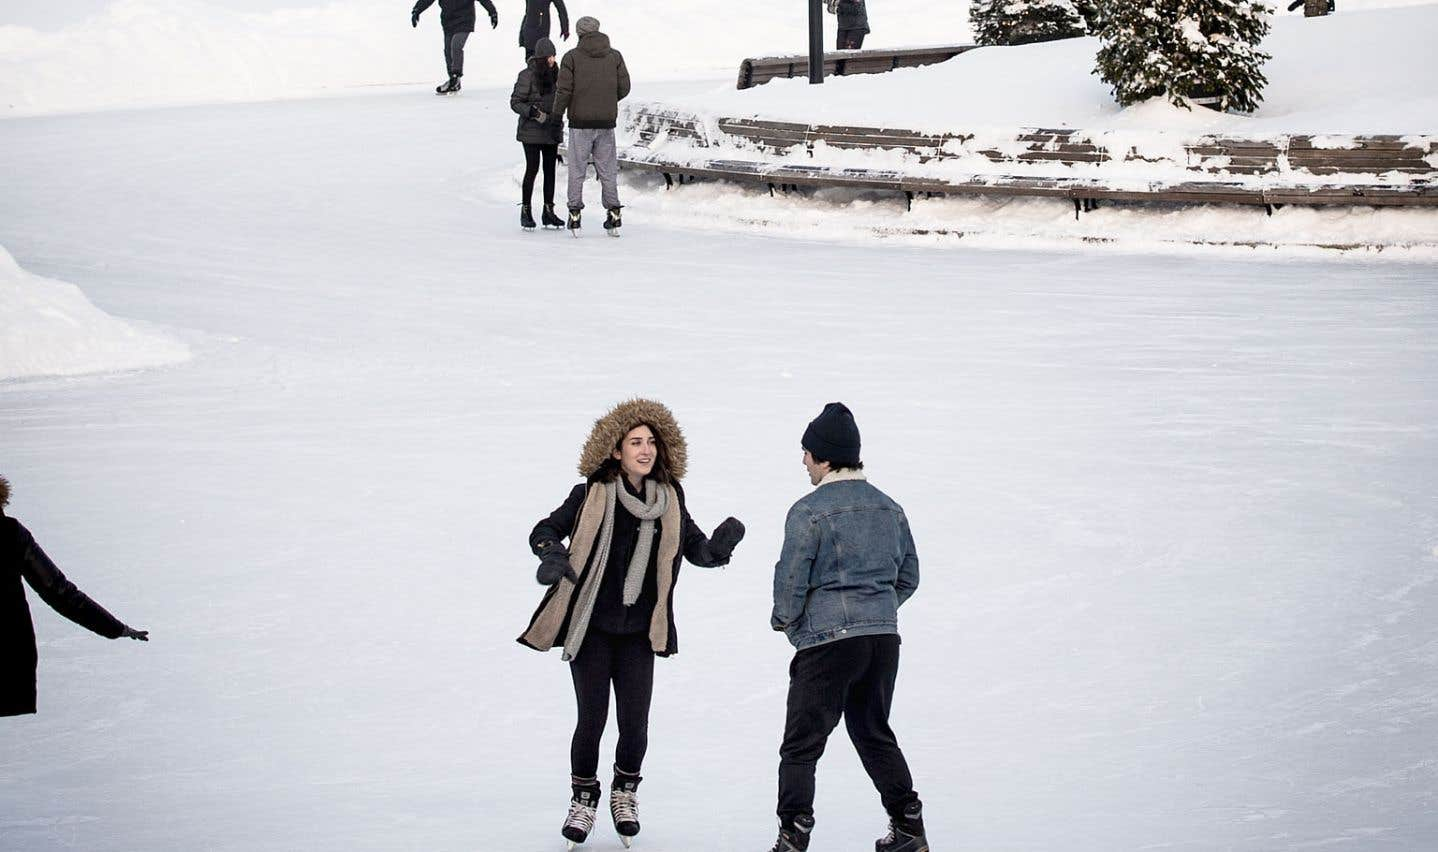 Montréal abandonne la patinoire naturelle du lac aux Castors